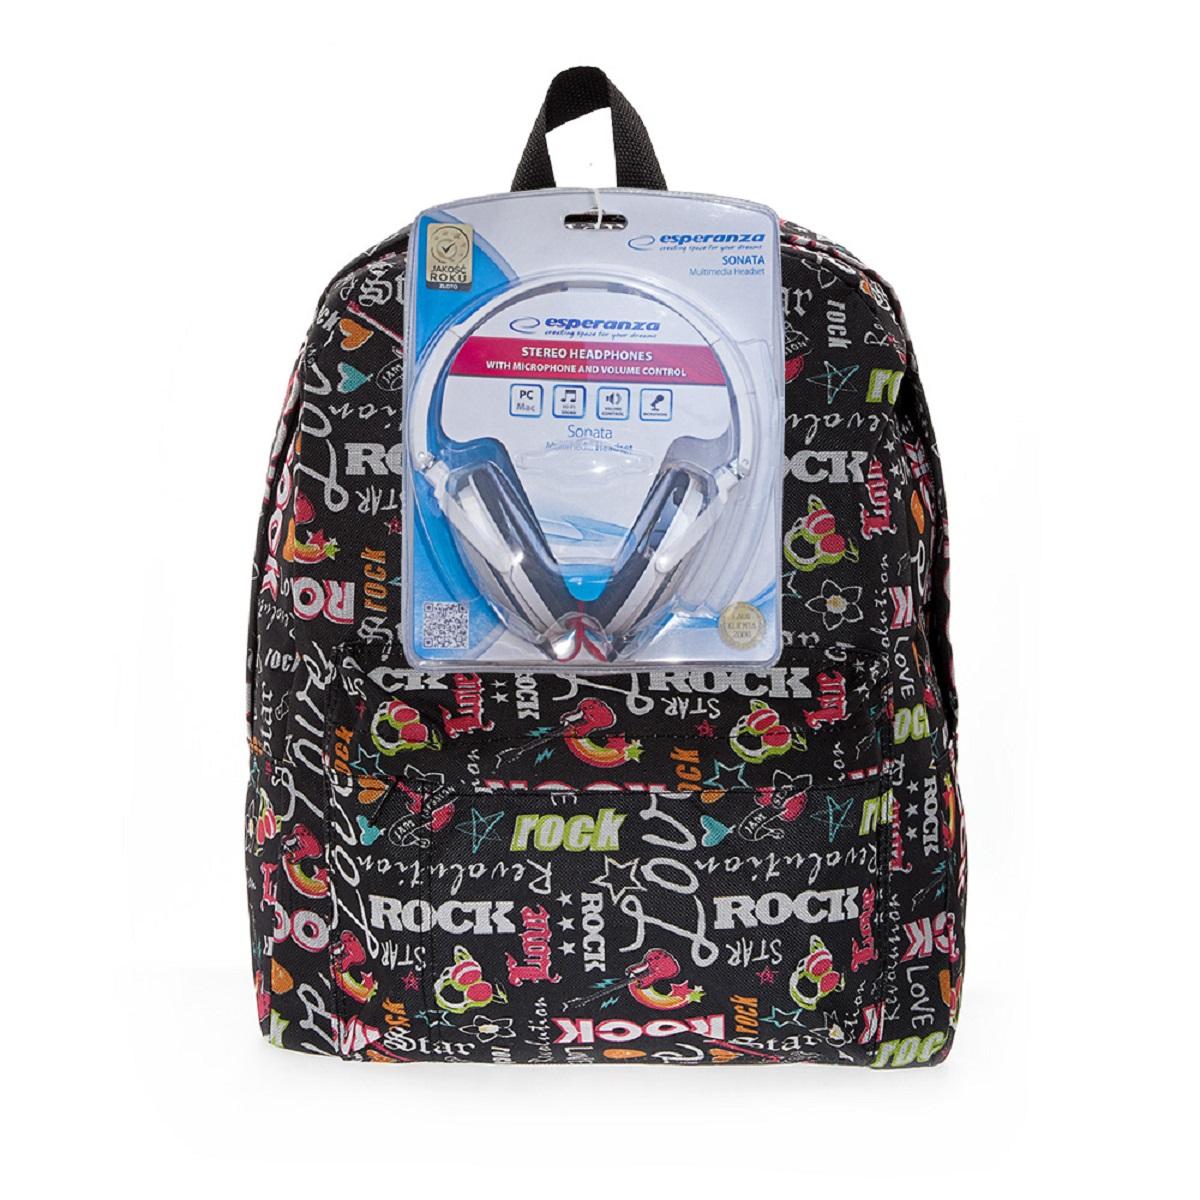 Рюкзак городской 3D Bags Рок-Стар, 16 л + ПОДАРОК: Наушники3DBC491NСтильный, вместительный и практичный, рюкзак понравится и школьникам, и студентам. Просторный внутренний отсек, наружний карман на молнии будут очень удобны в использовании. Настоящая находка для будущей рок-звезды! В комплект входят белые стереонаушники с мягкими ушными подушками. Длина кабеля 2м, разъем 3,5мм, сопротивление 32 Ом, диапазон часто - 20 Гц-20000 Гц, выходная мощность - 100 мВт.Наушники поставляются в цветовом ассортименте. Поставка осуществляется в зависимости от наличия на складе.